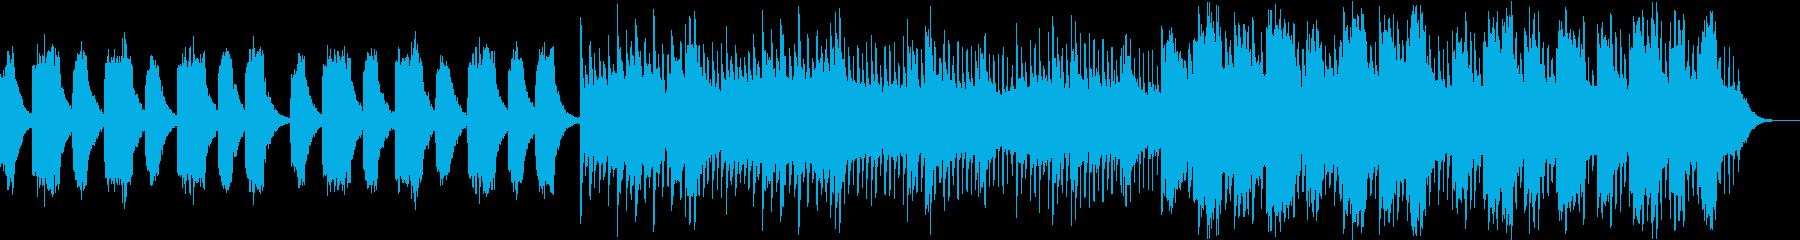 シンプルで壮大なストリングスバラードの再生済みの波形